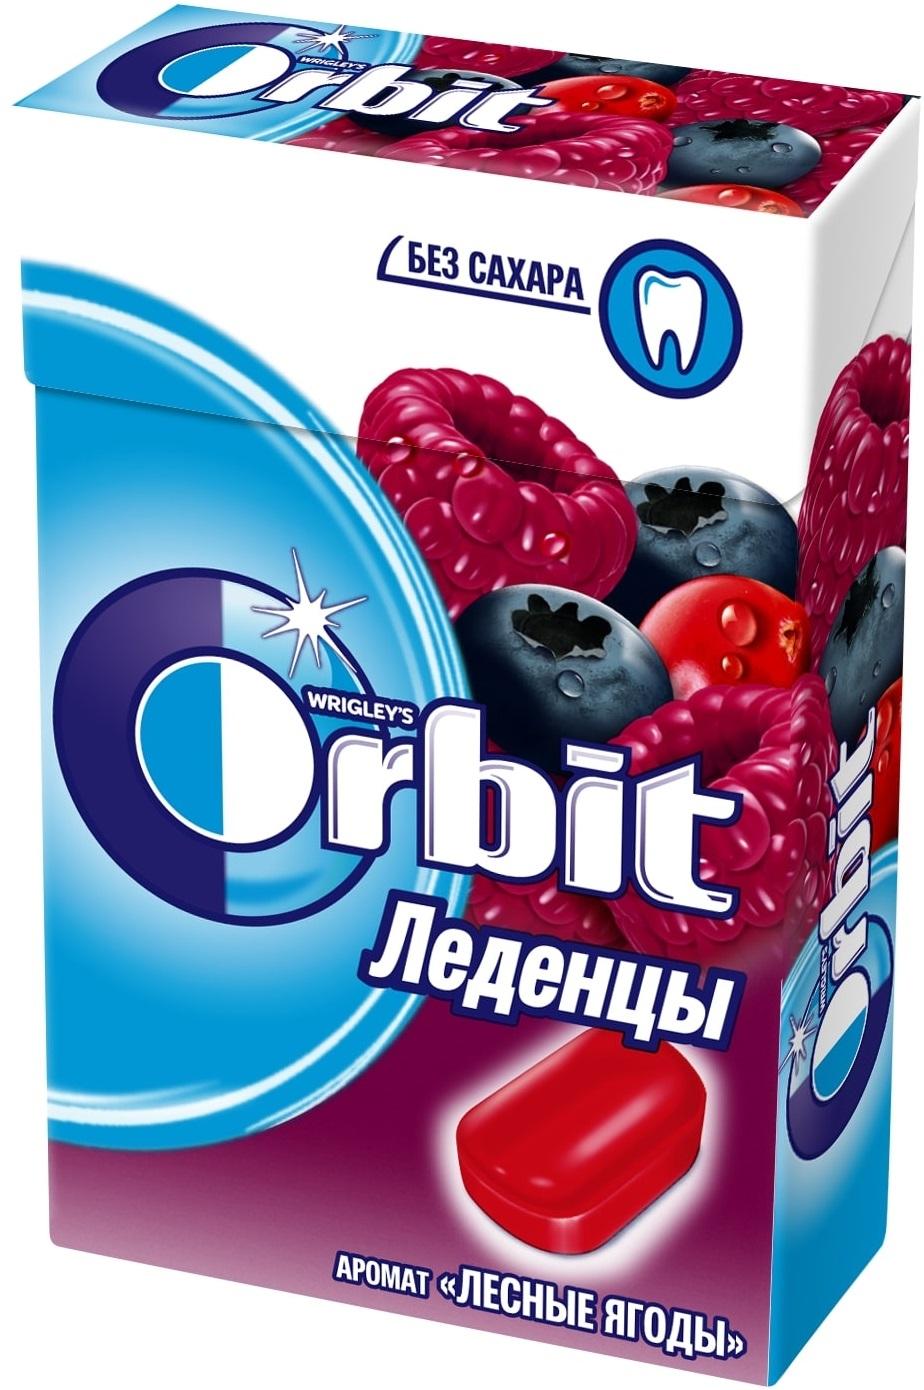 Леденцы  Орбит  лесные ягоды 35гр.